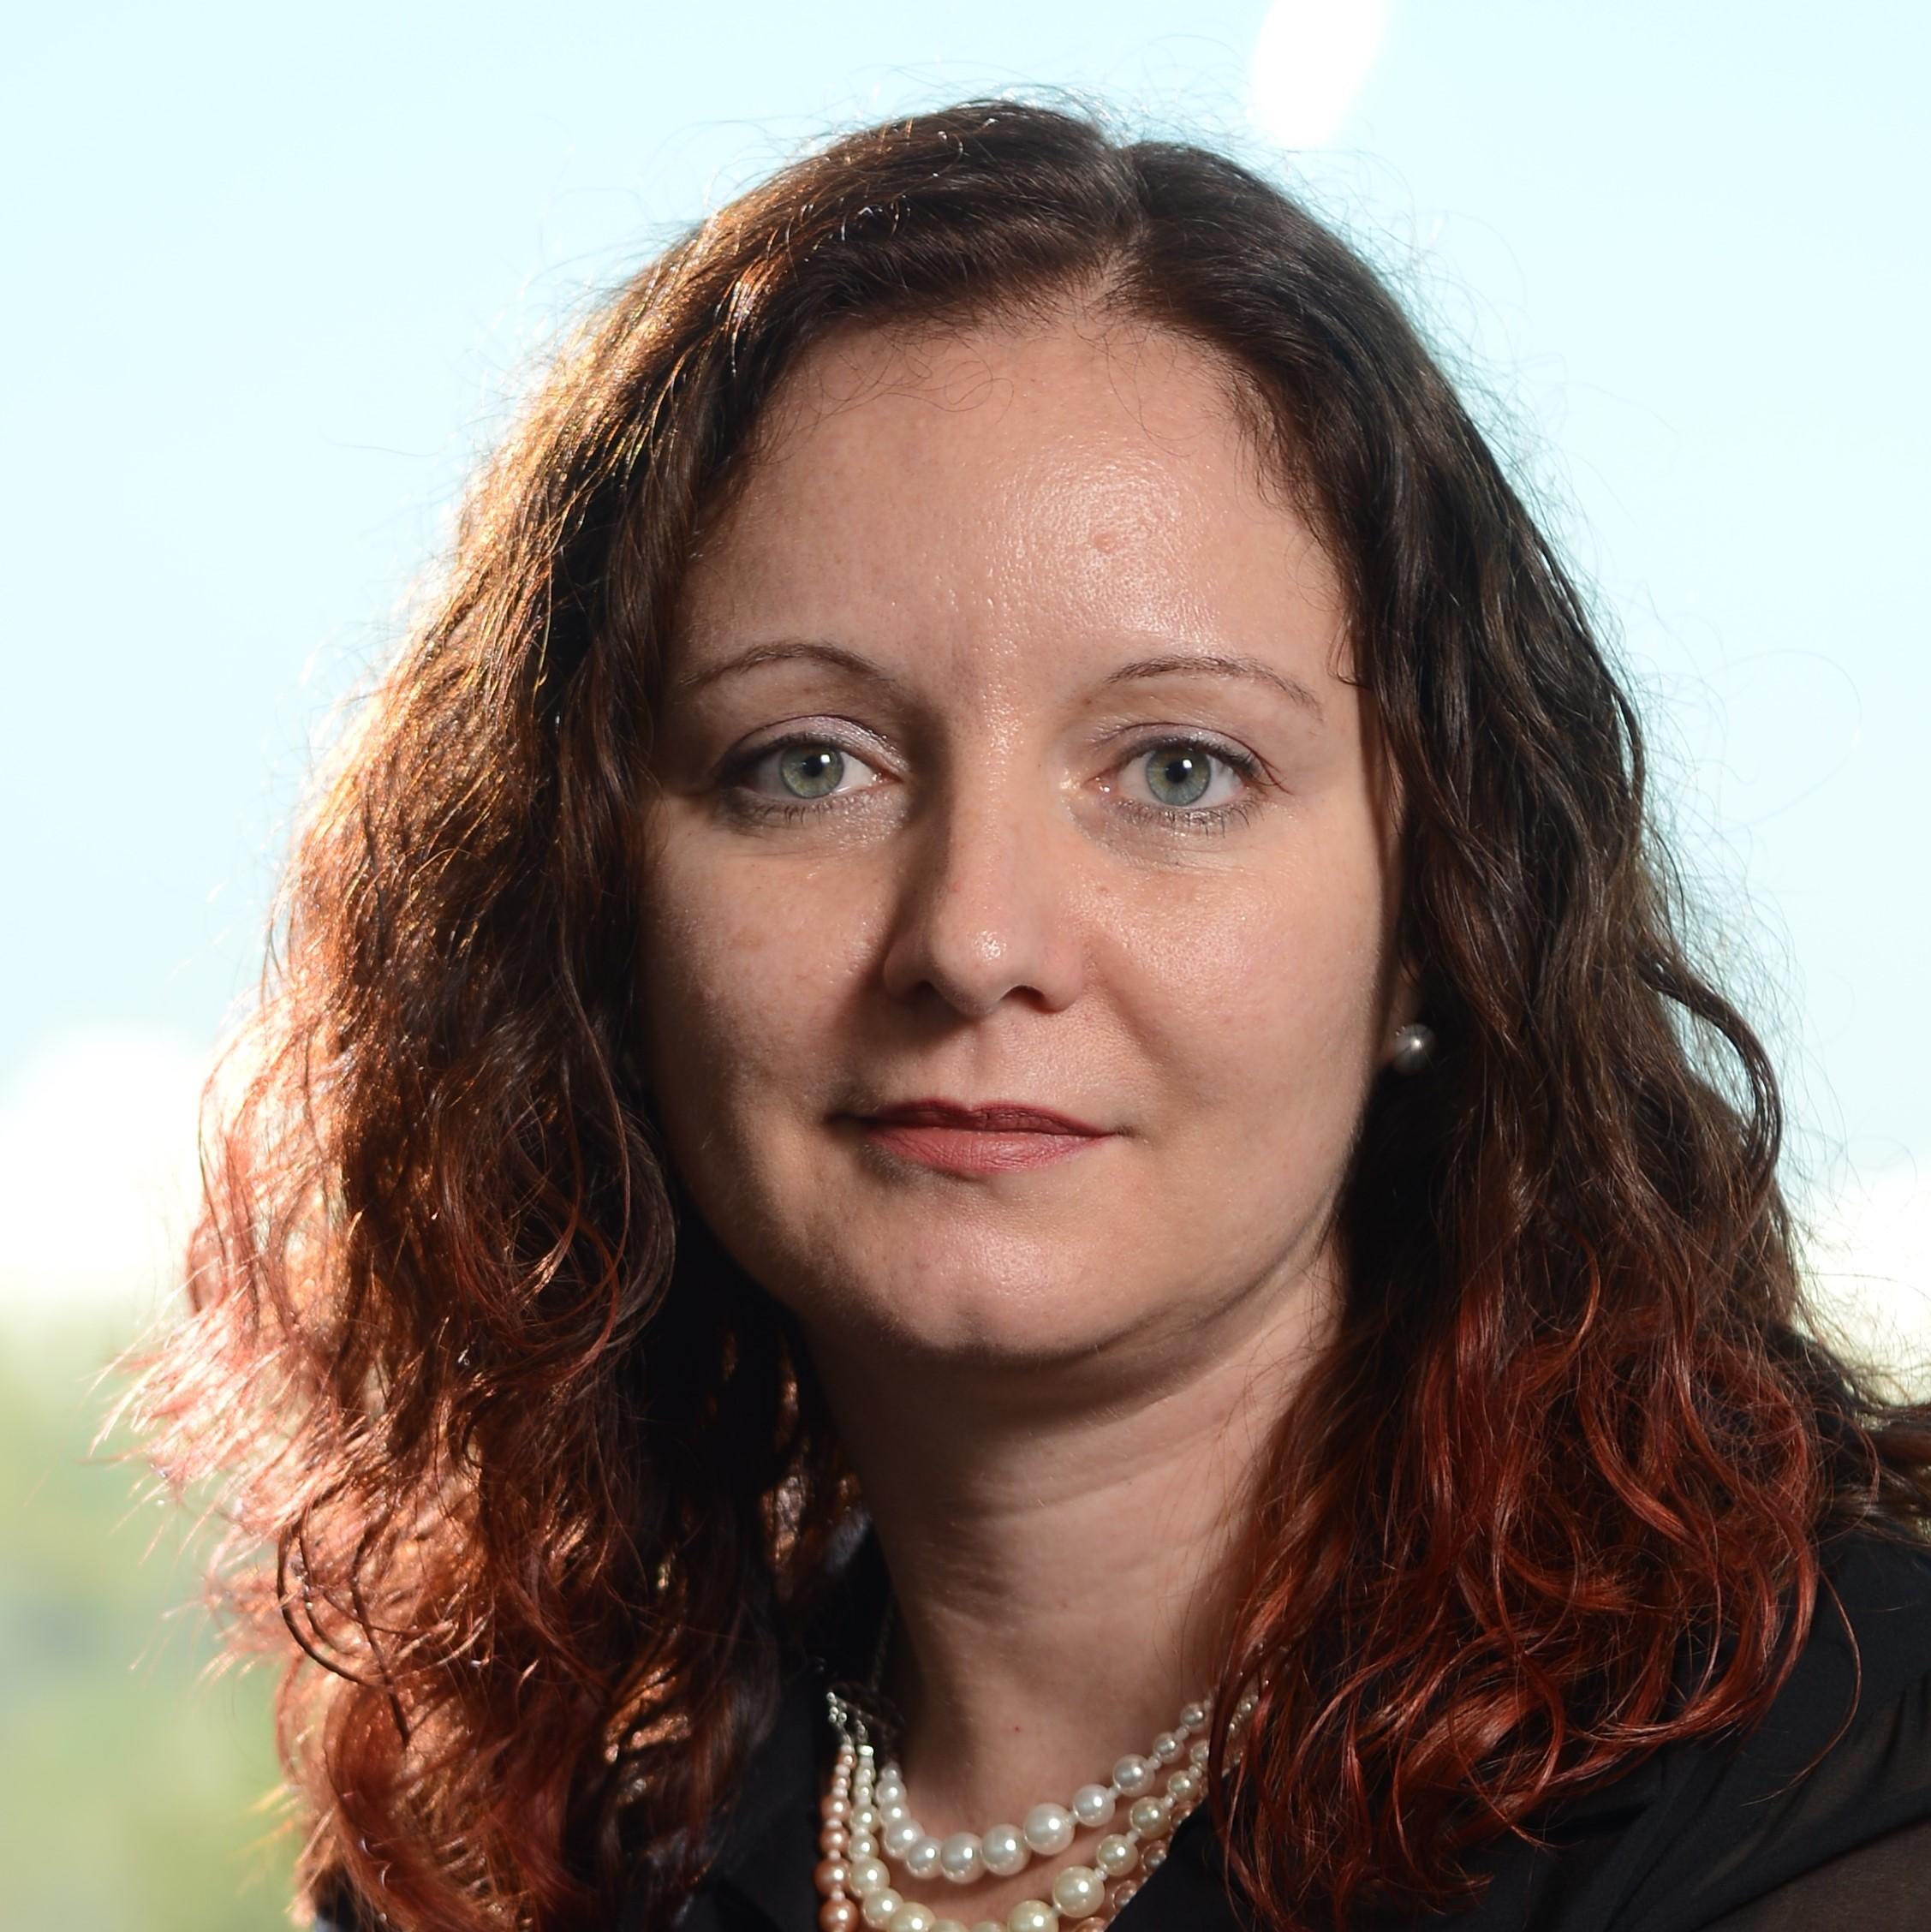 Alina Stepan